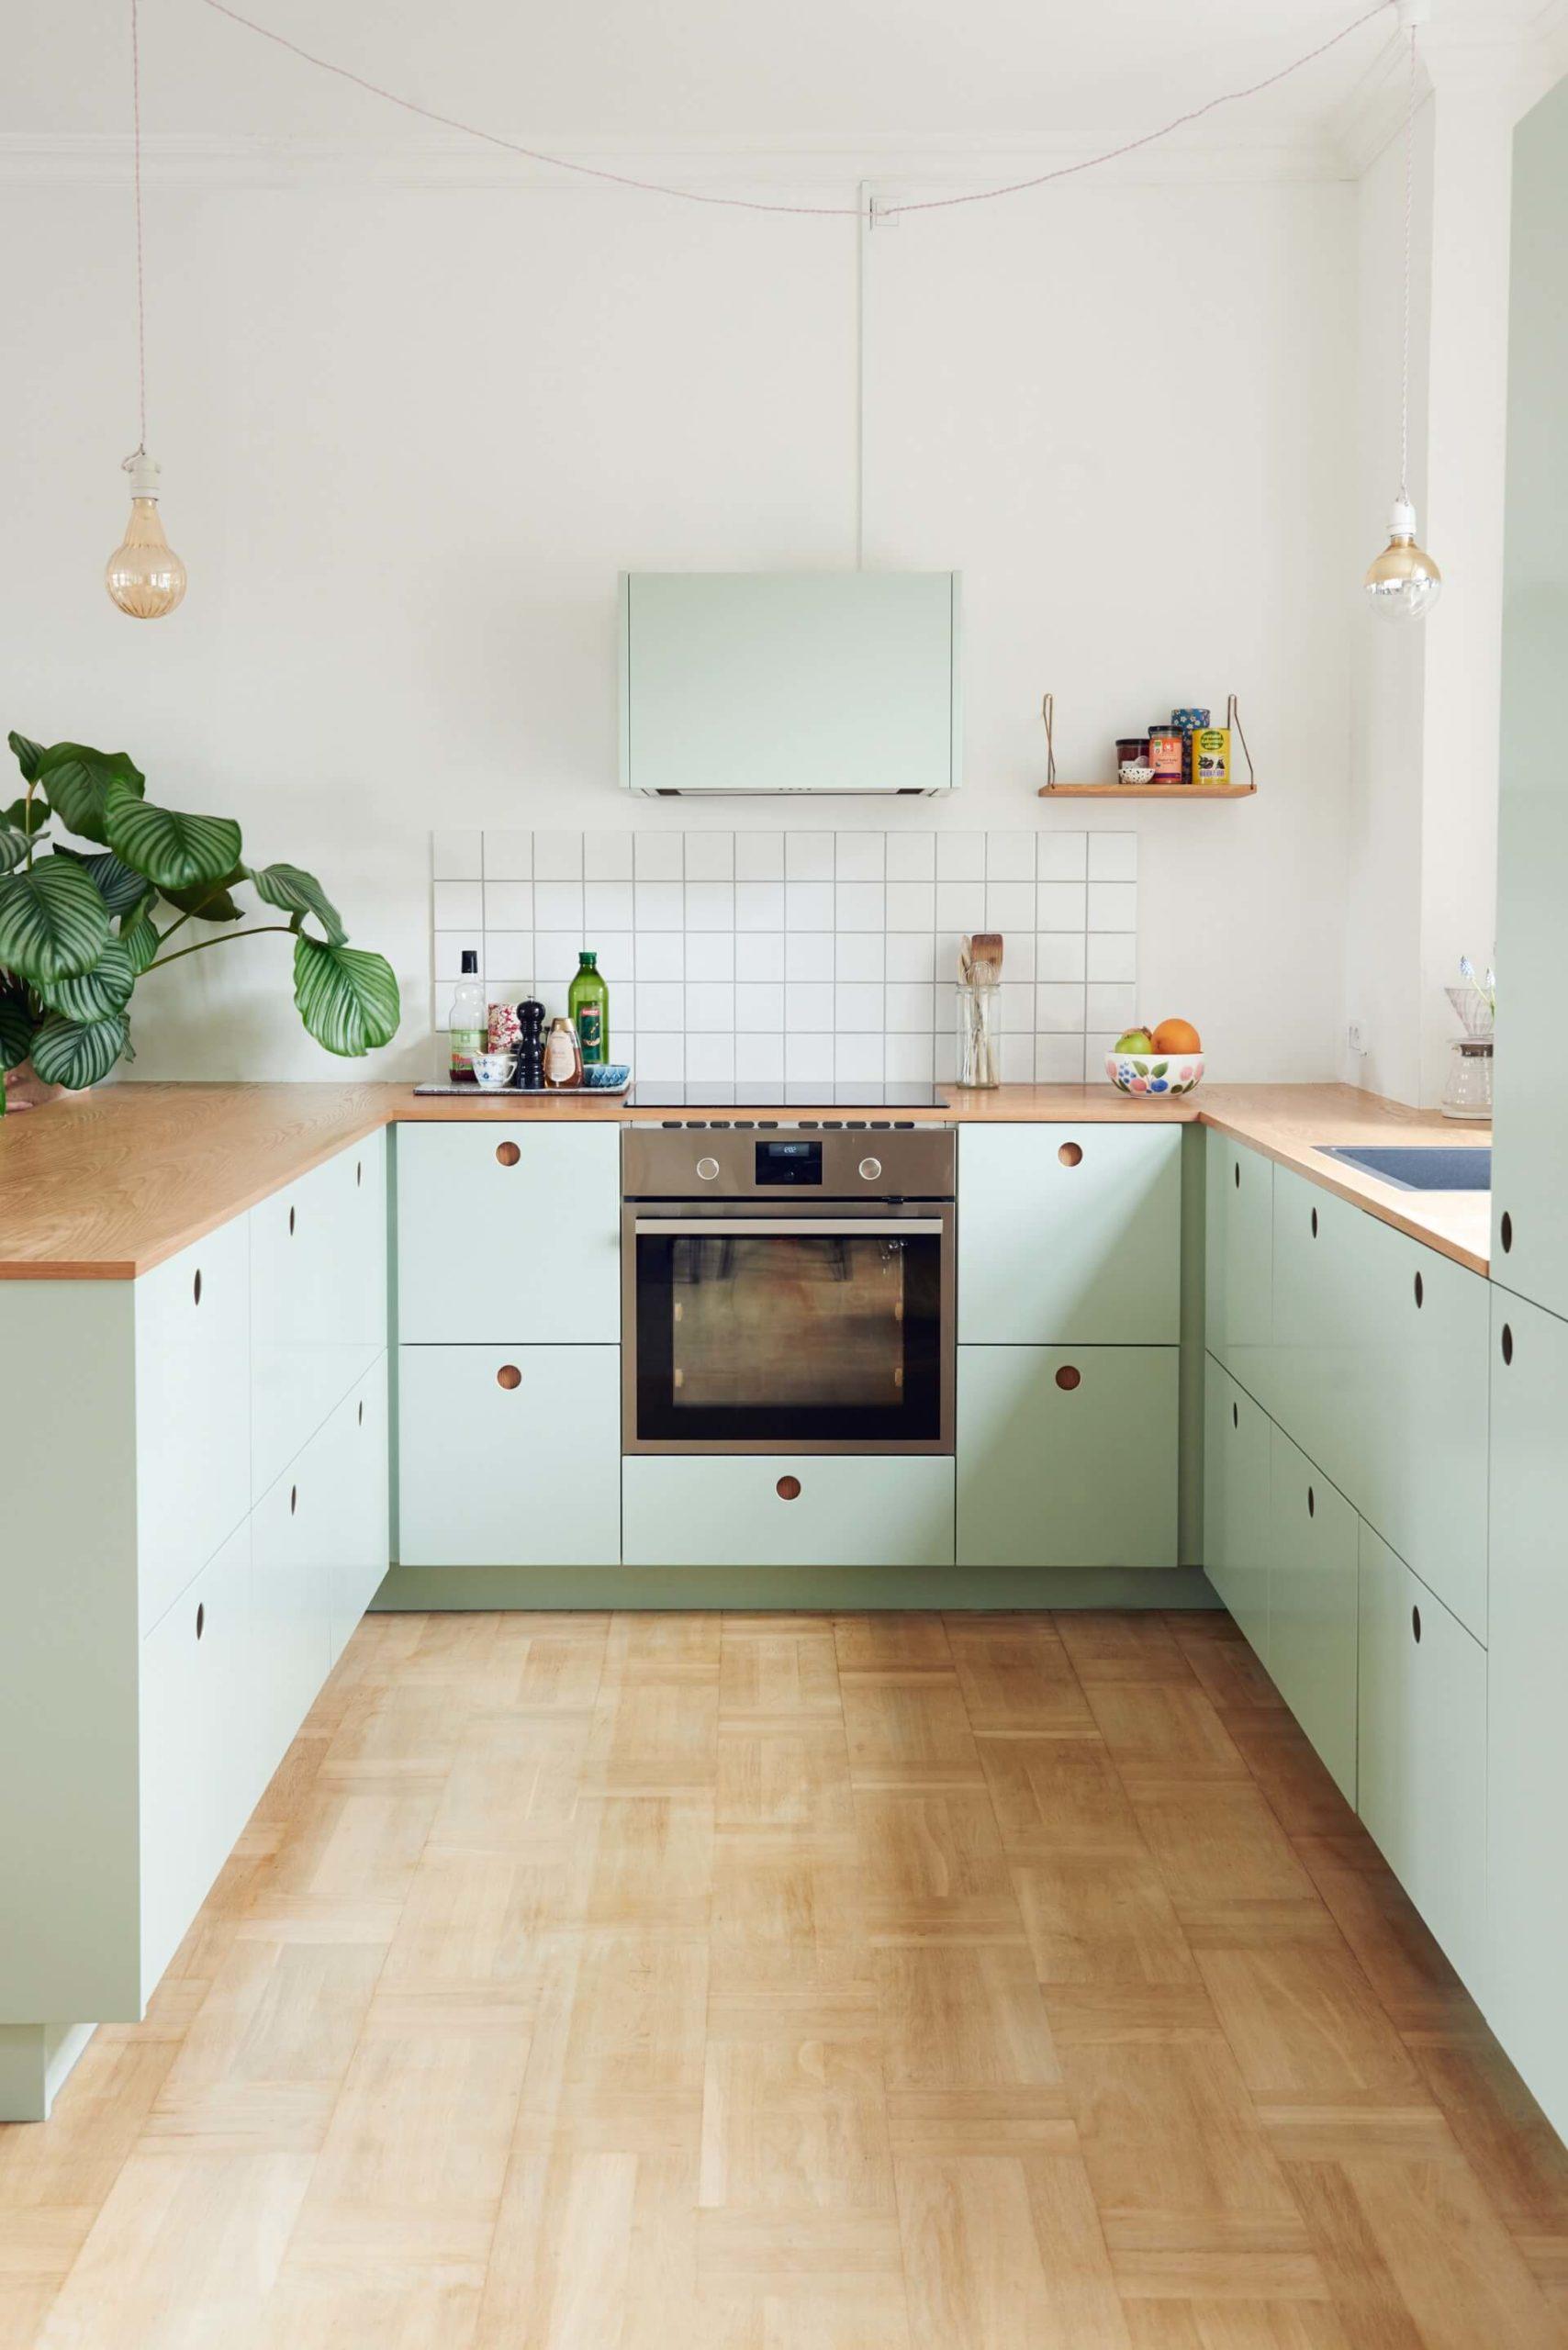 Une cuisine past decoree dans un style scandinave scaled - Quels critères pour bien choisir son cuisiniste ?